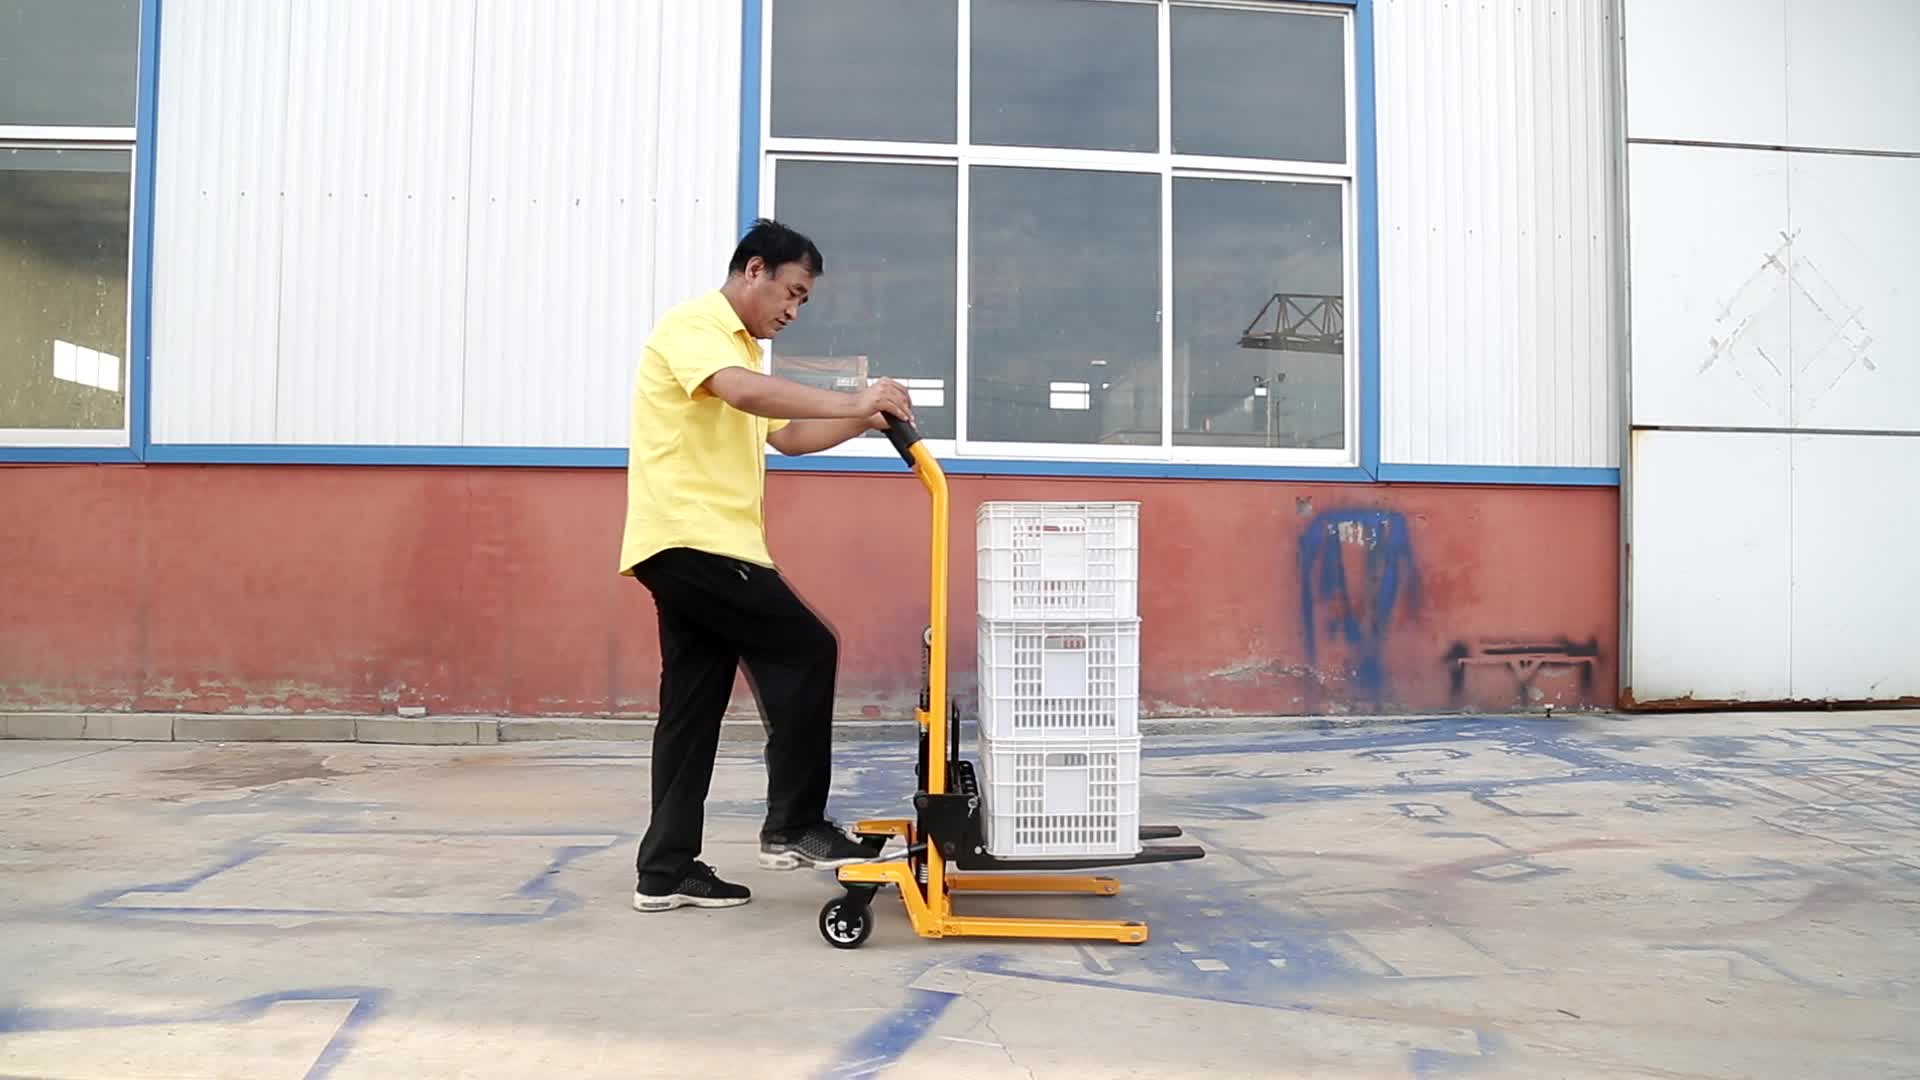 Tay hướng dẫn sử dụng pallet hoạt động stacker nâng pallet stacker xe nâng